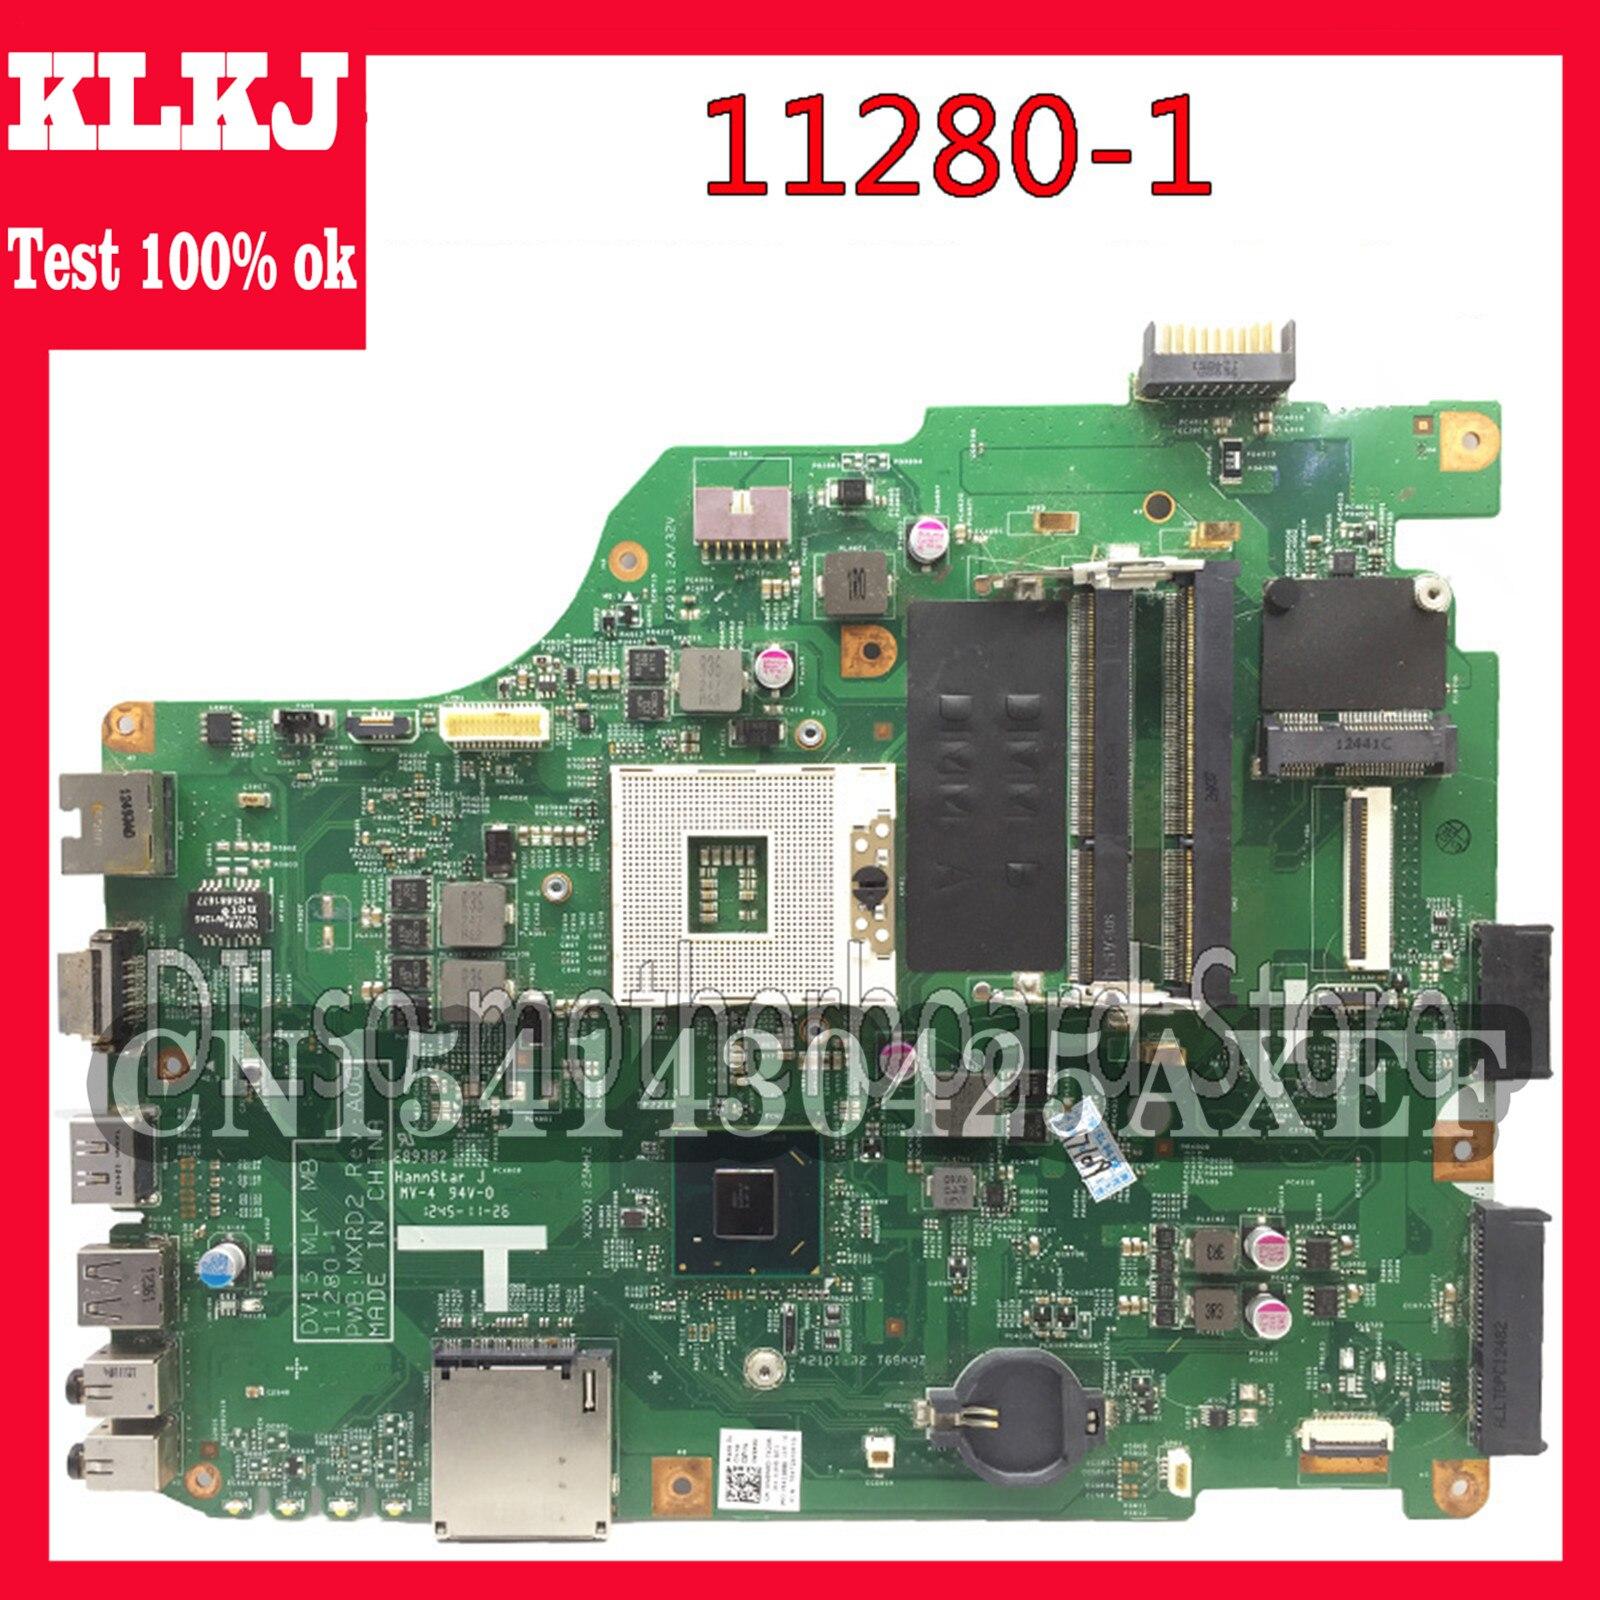 KLKJ 11280-1 لـ Dell 3520 DV15 MLK MB 11280-1 PWB:MXRD2 REV:A00 لوحة الأم للكمبيوتر المحمول DELL INSPIRON 3520 HM75 Test